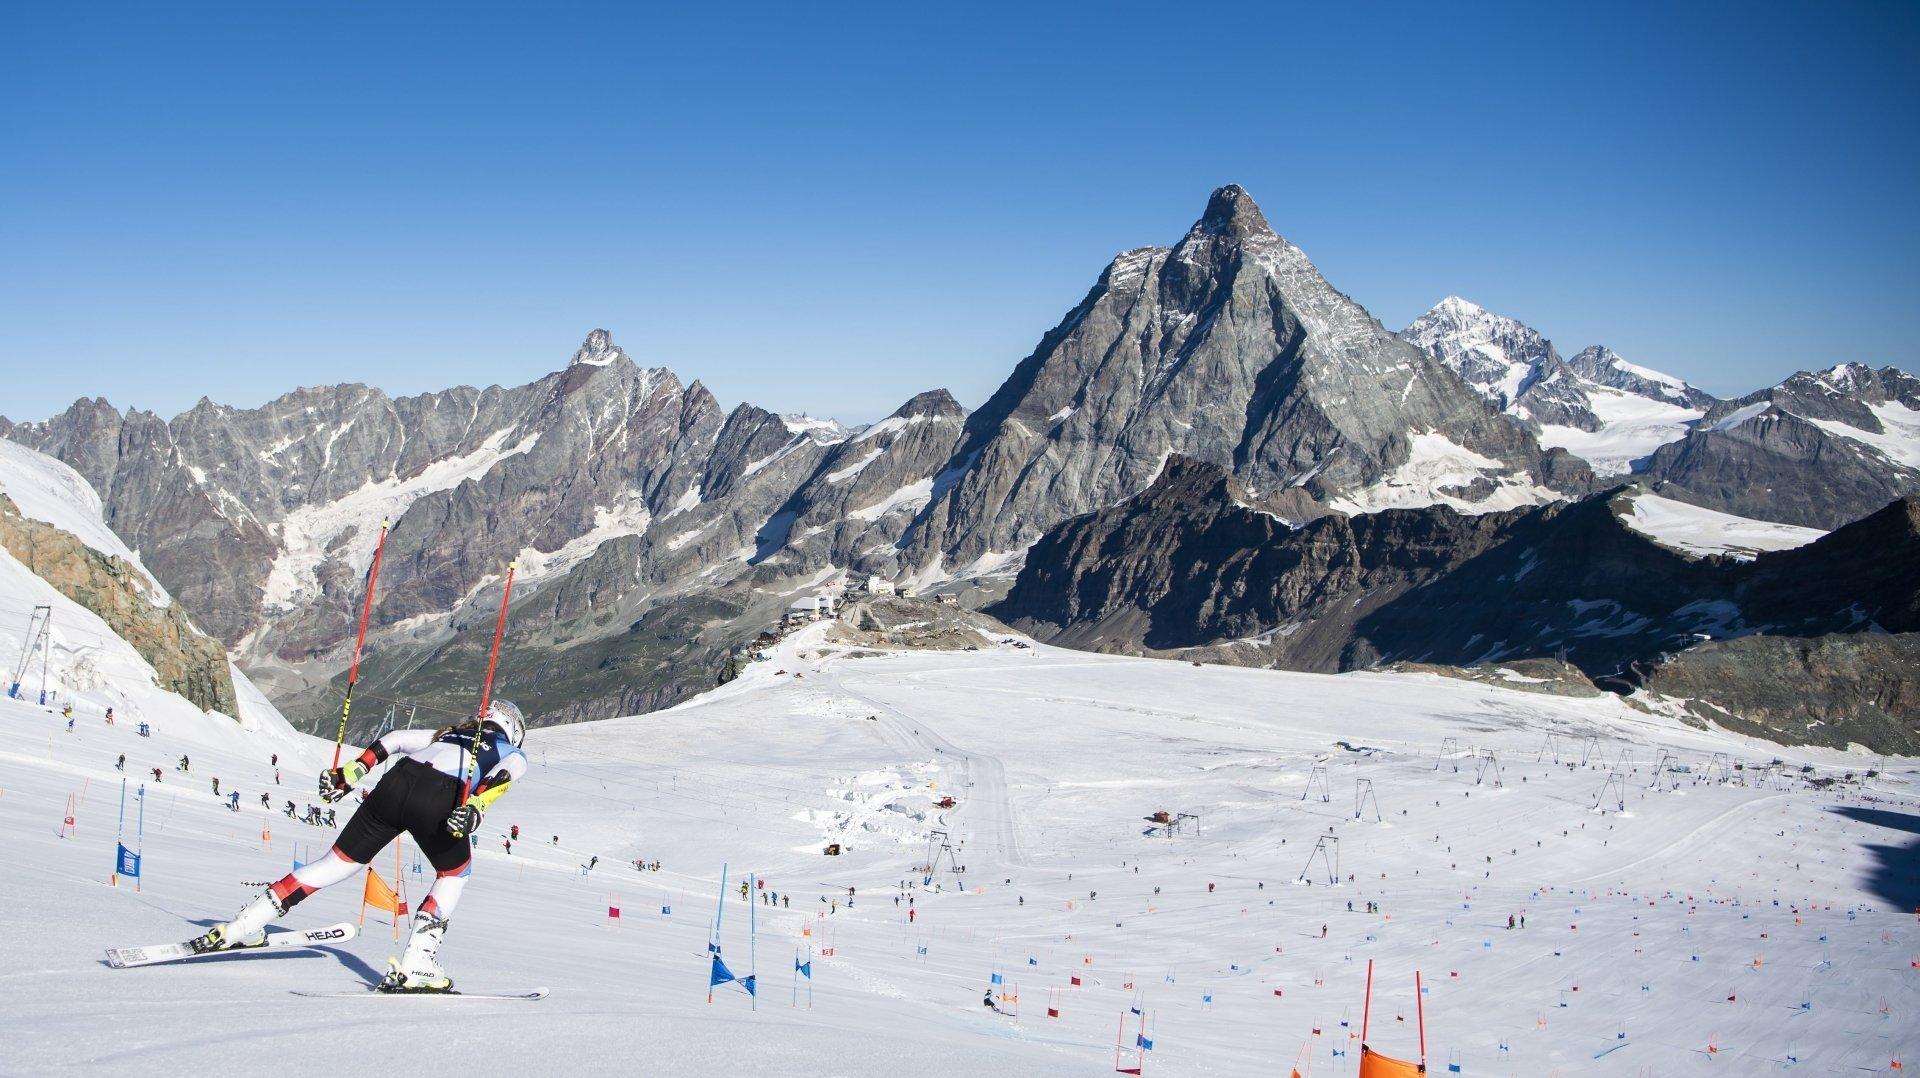 Corinne Suter et les athlètes de la Coupe du monde fréquentent déjà assidûment les installations de Zermatt durant leur préparation estivale.